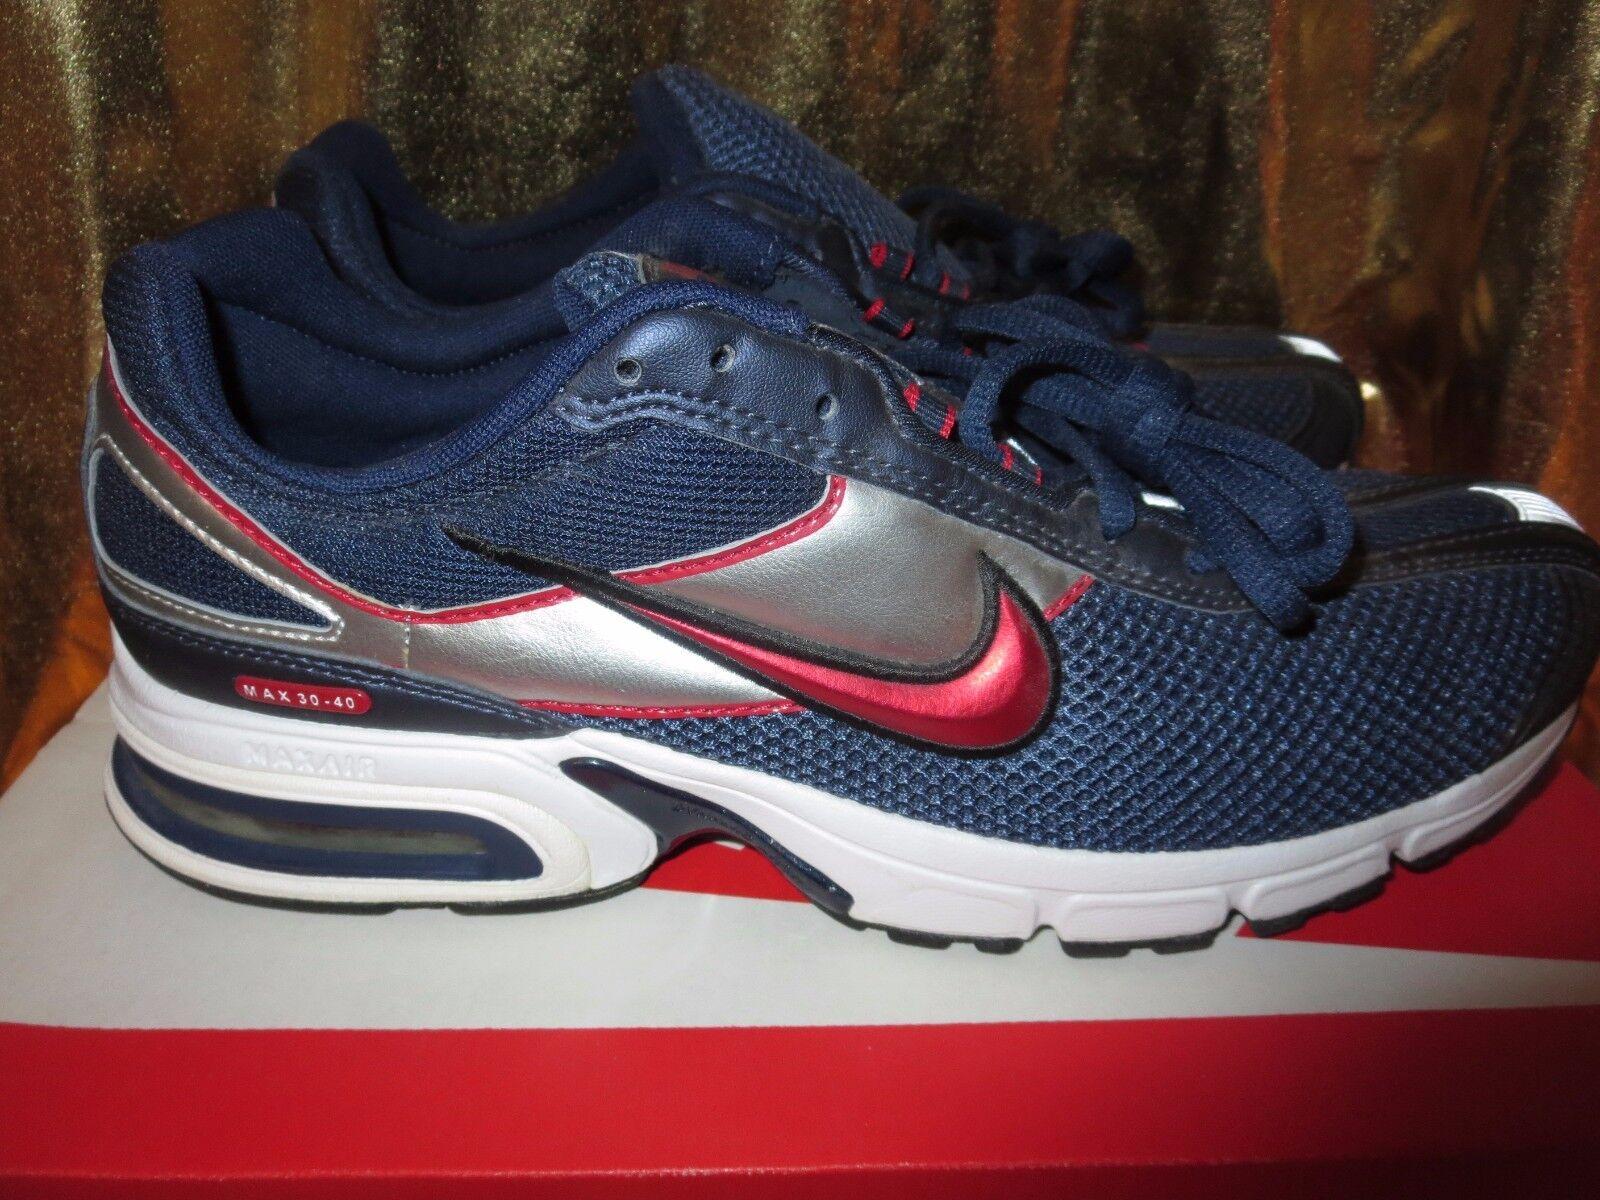 Steve prefontaine pre - vita nike air max 30 / 40 uomini noi 11 nuove scarpe da corsa